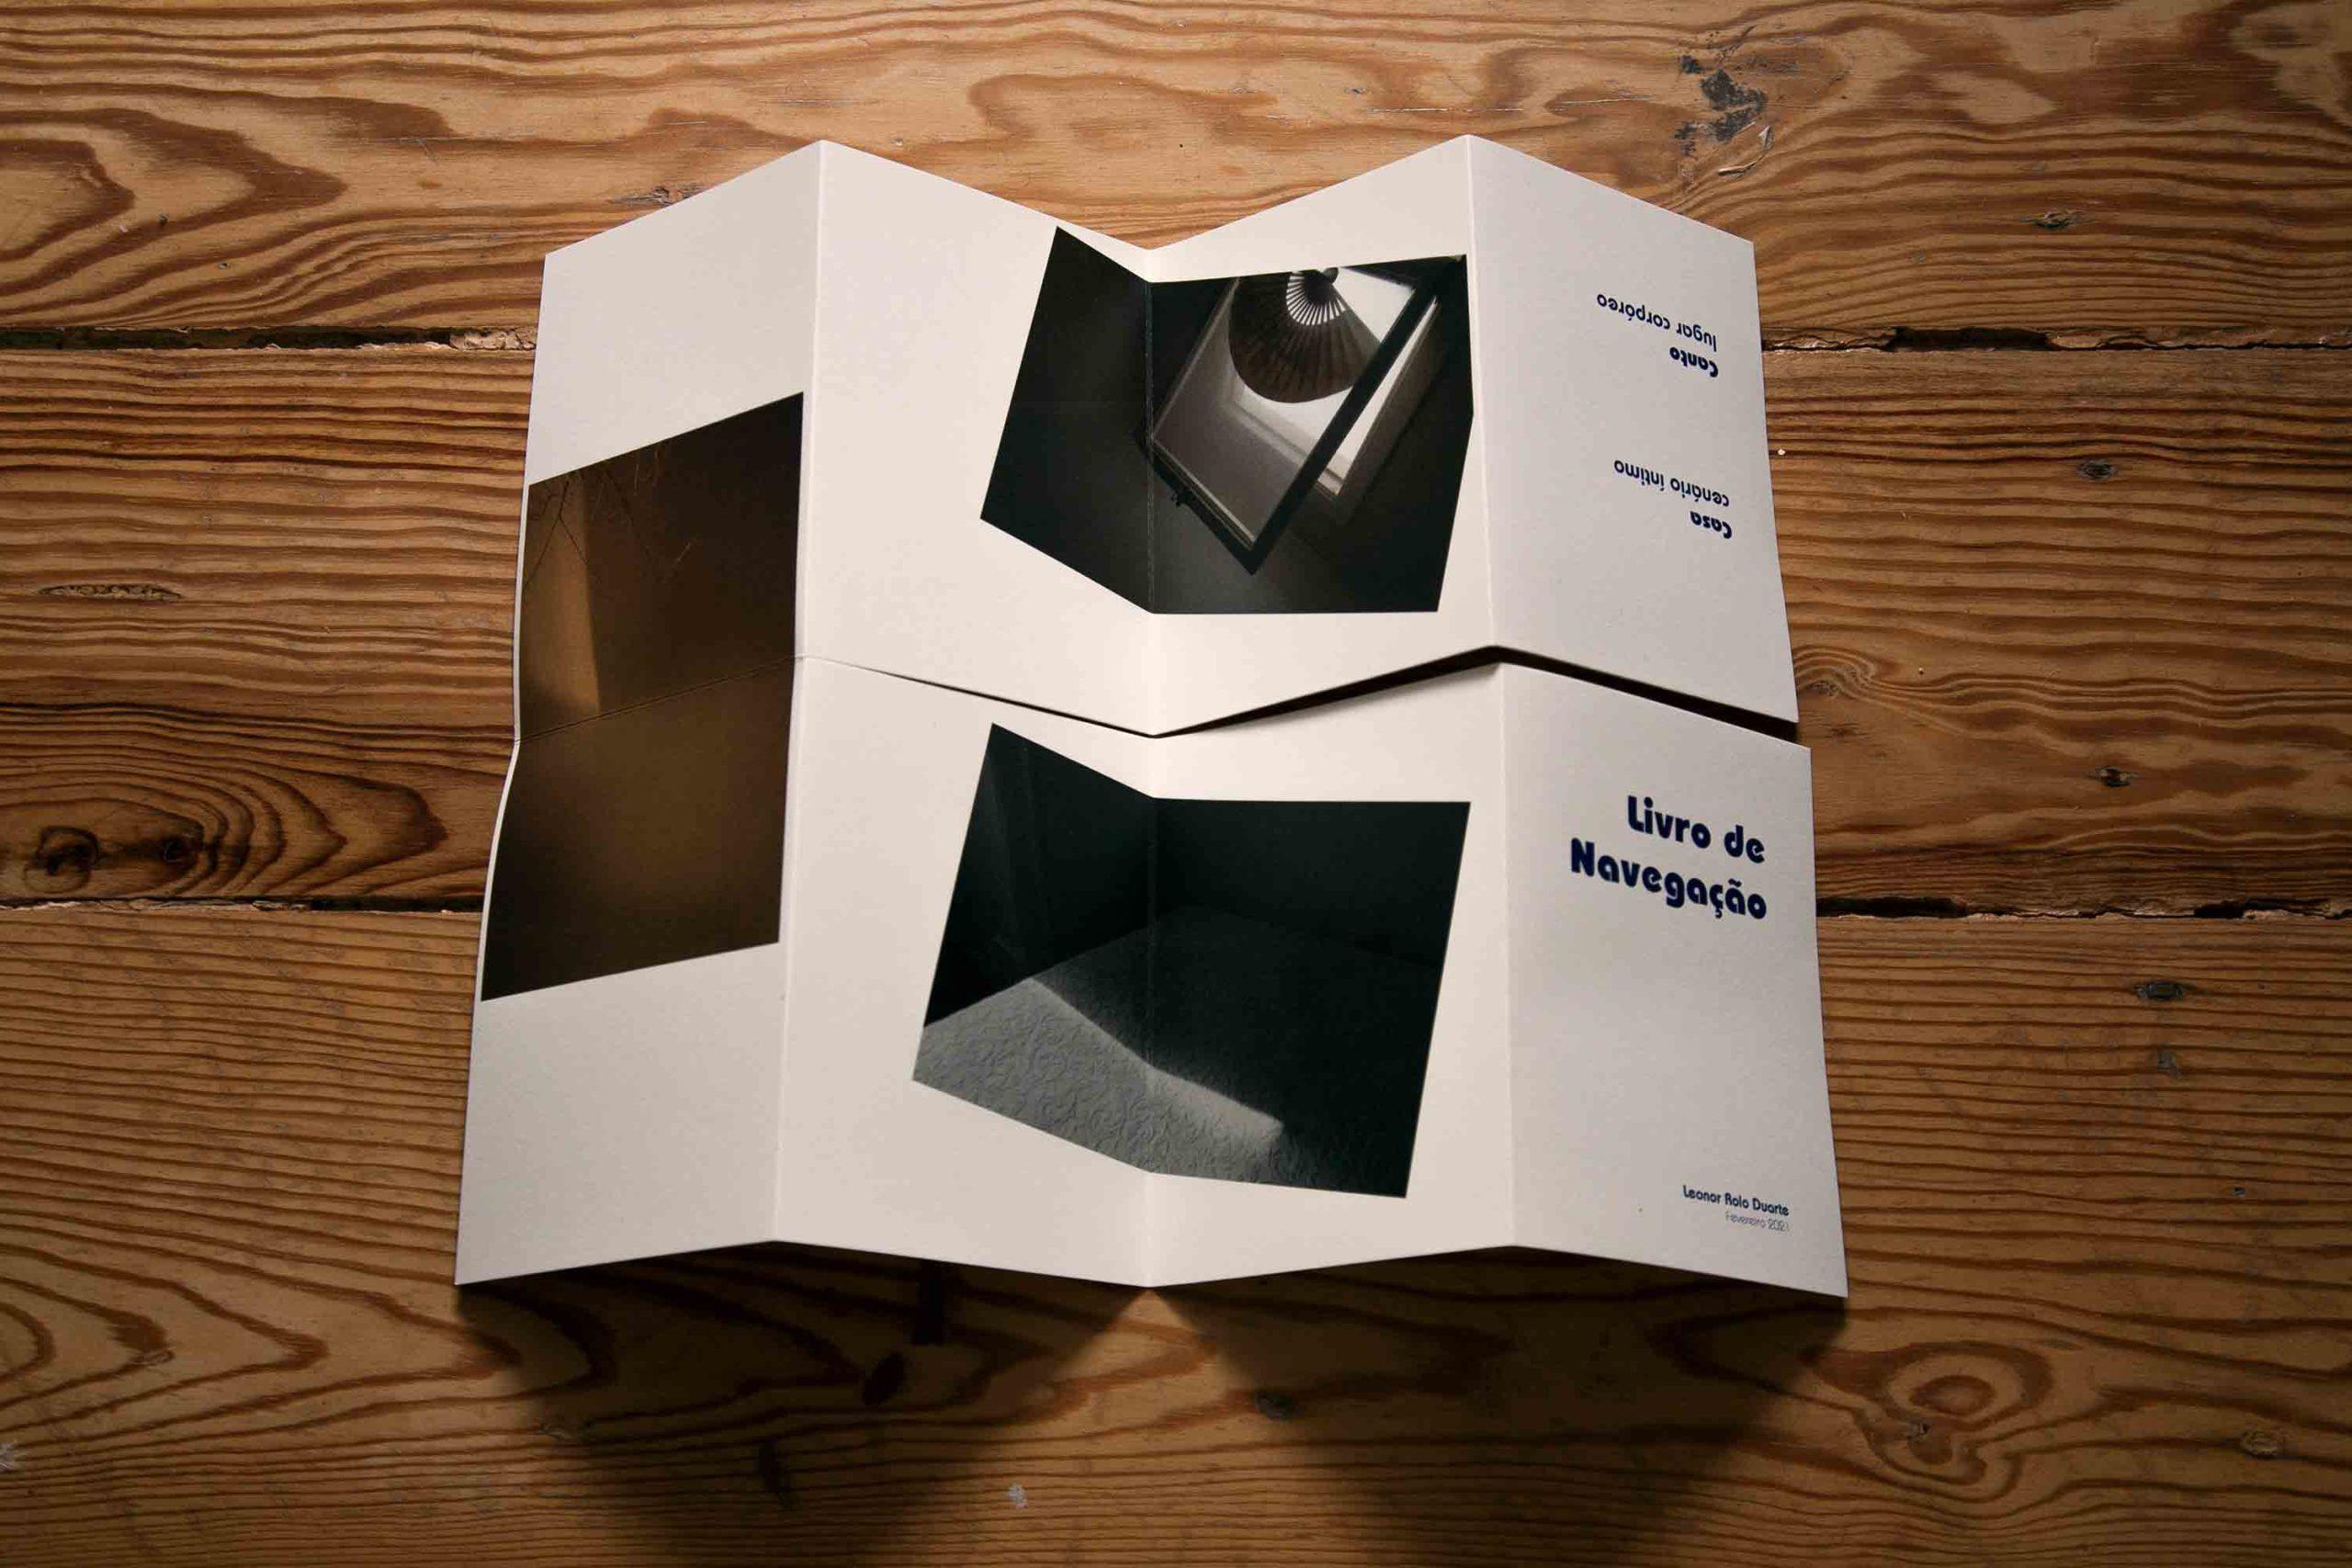 leonor-duarte-livro-navegacao-01